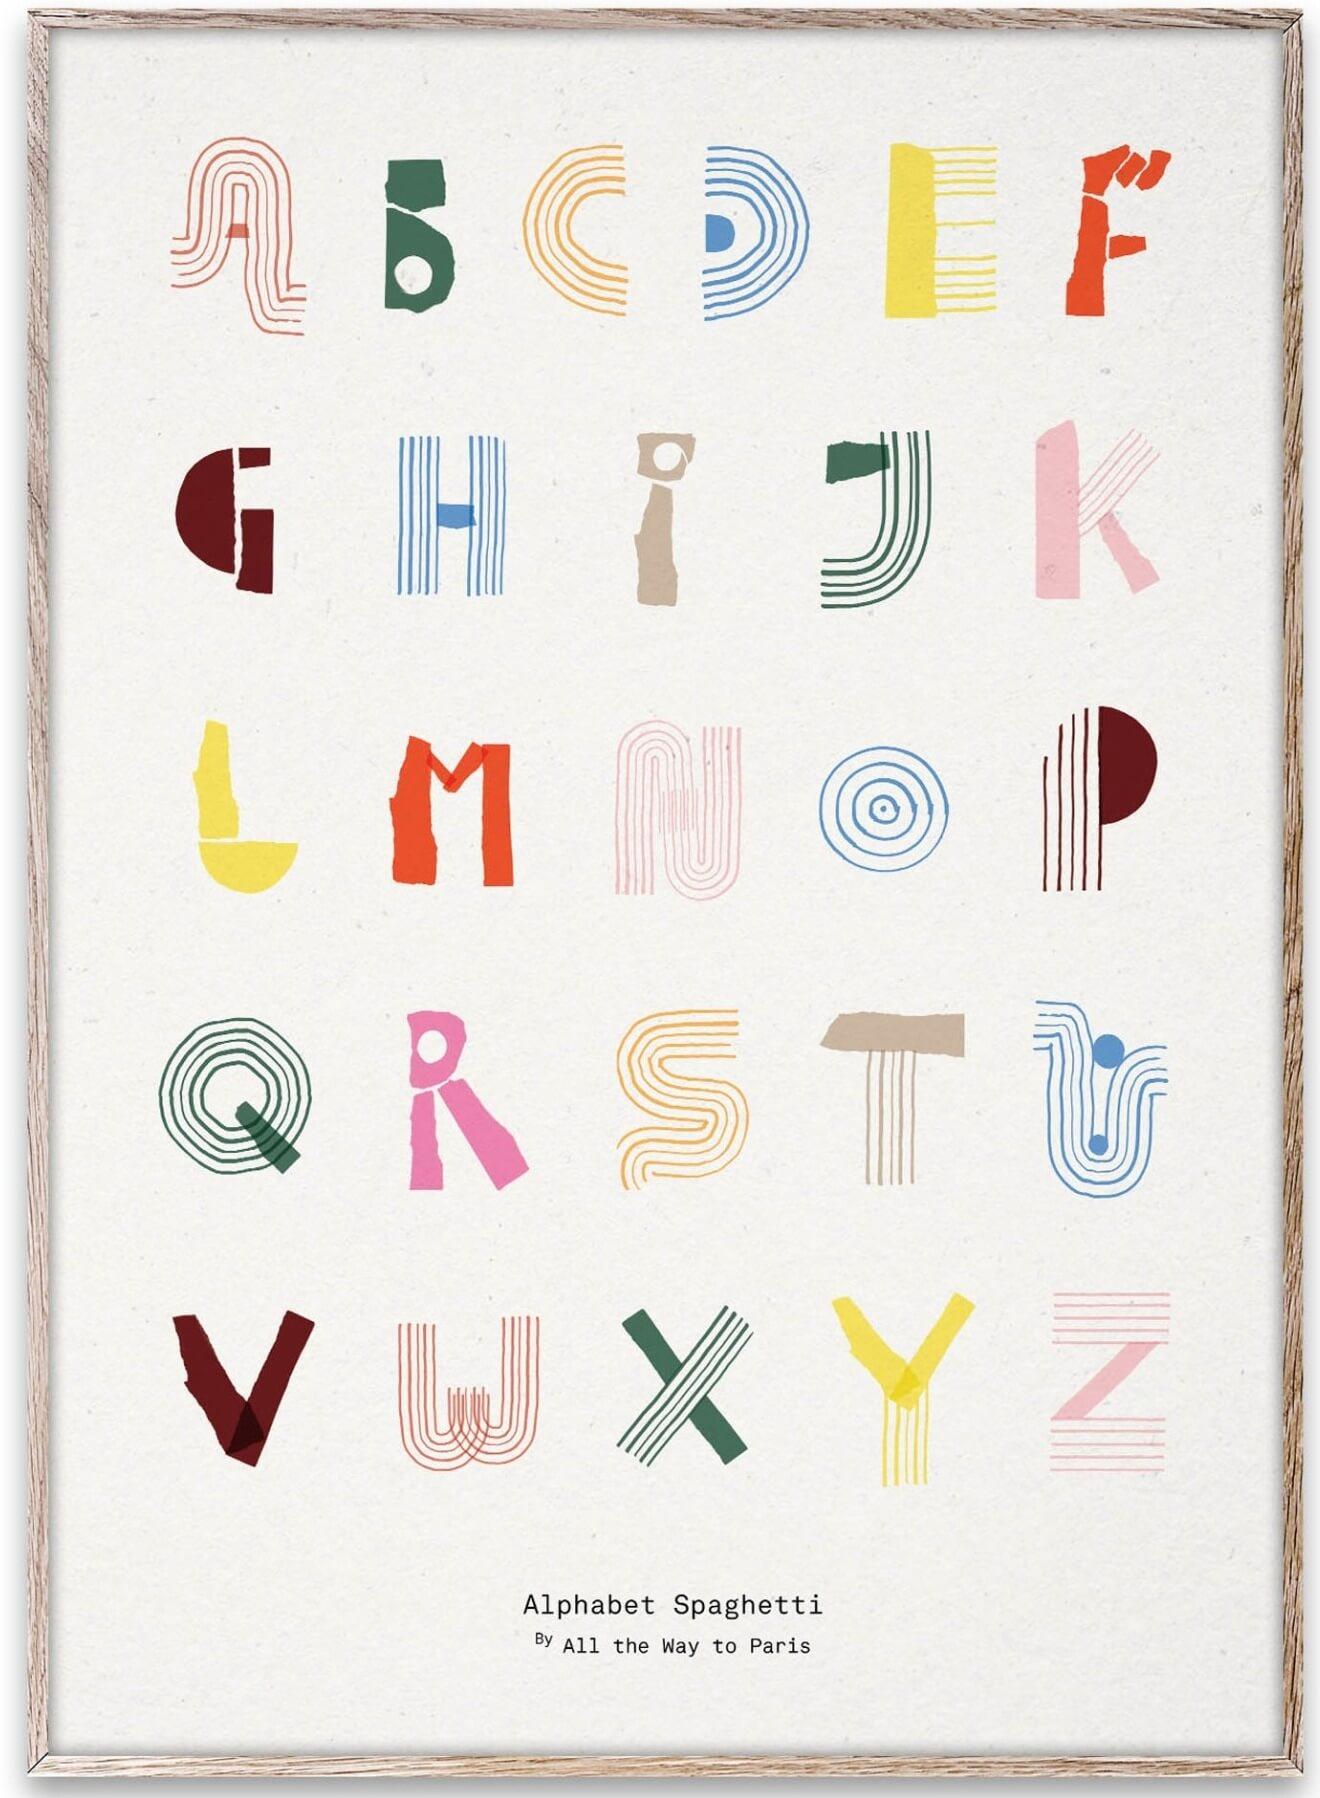 alphabet-spaghetti-poster